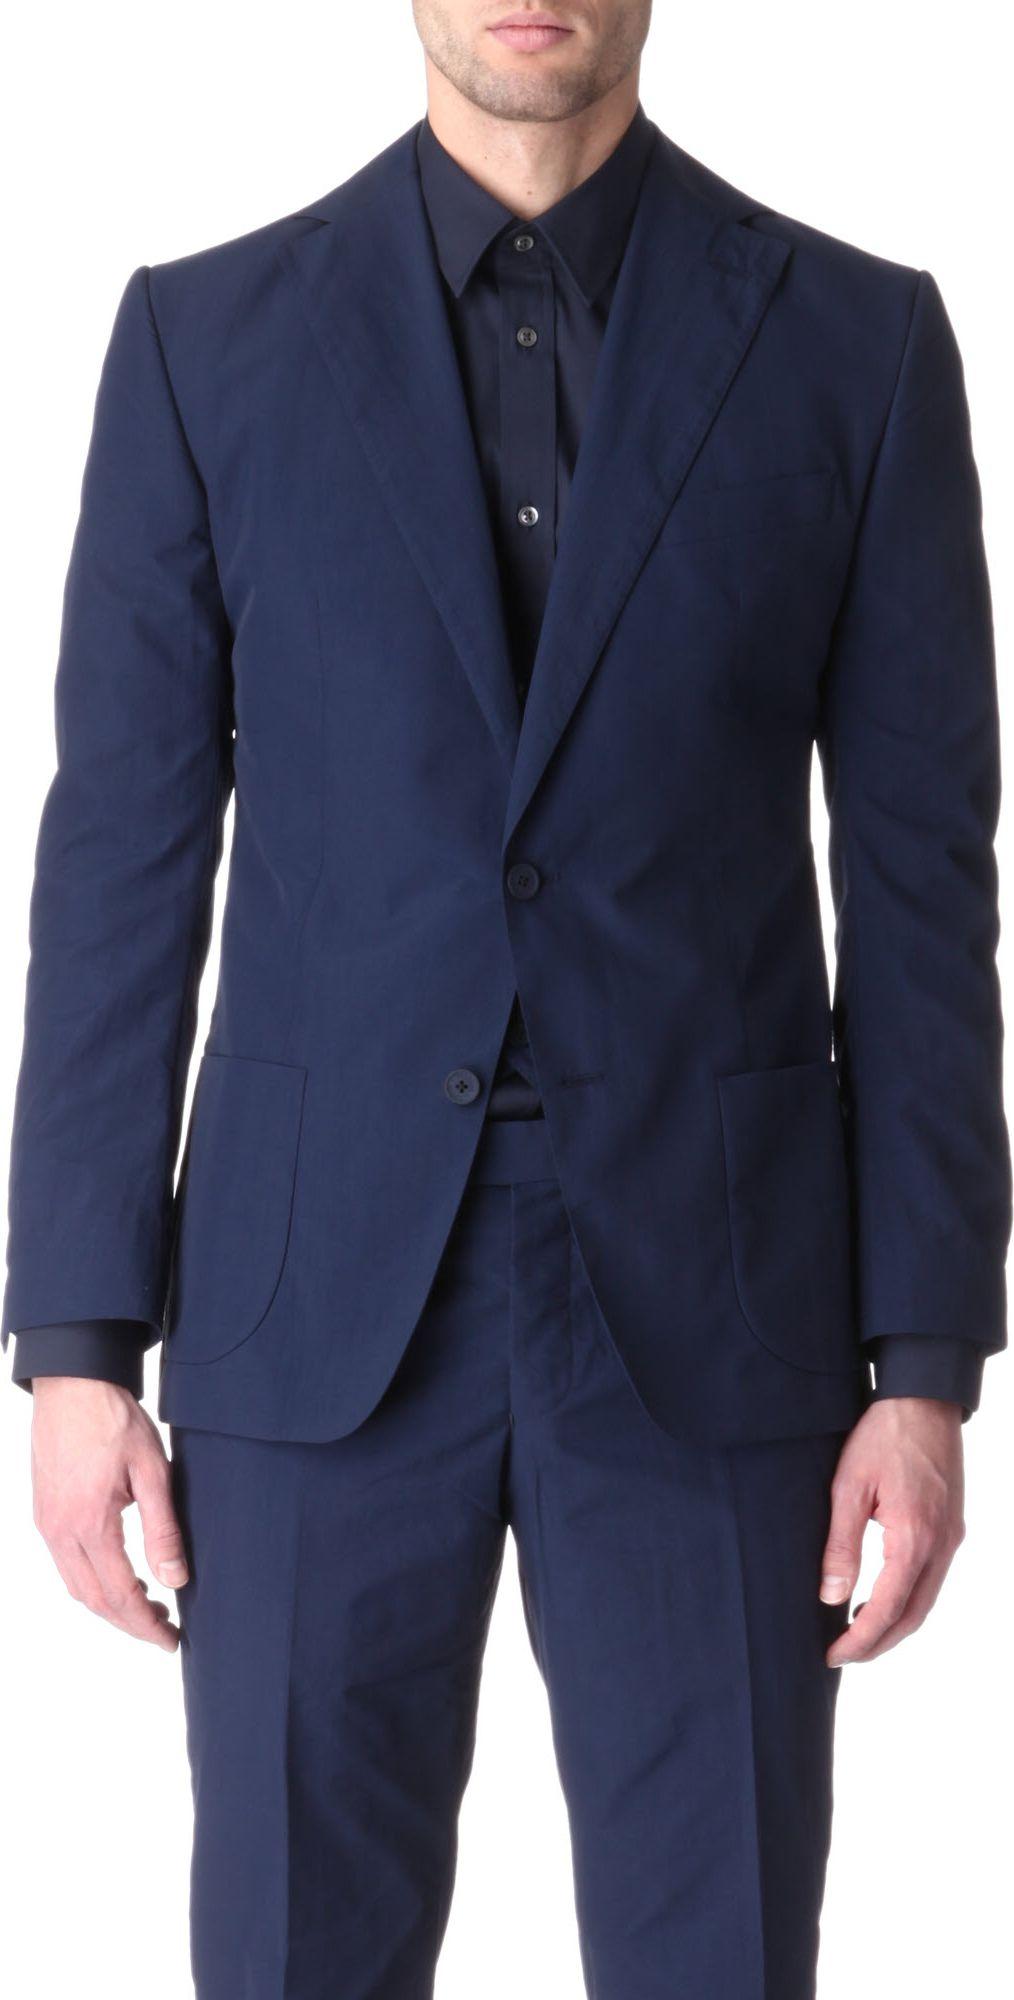 orlebar-brown-navy-luke-swim-suit-jacket